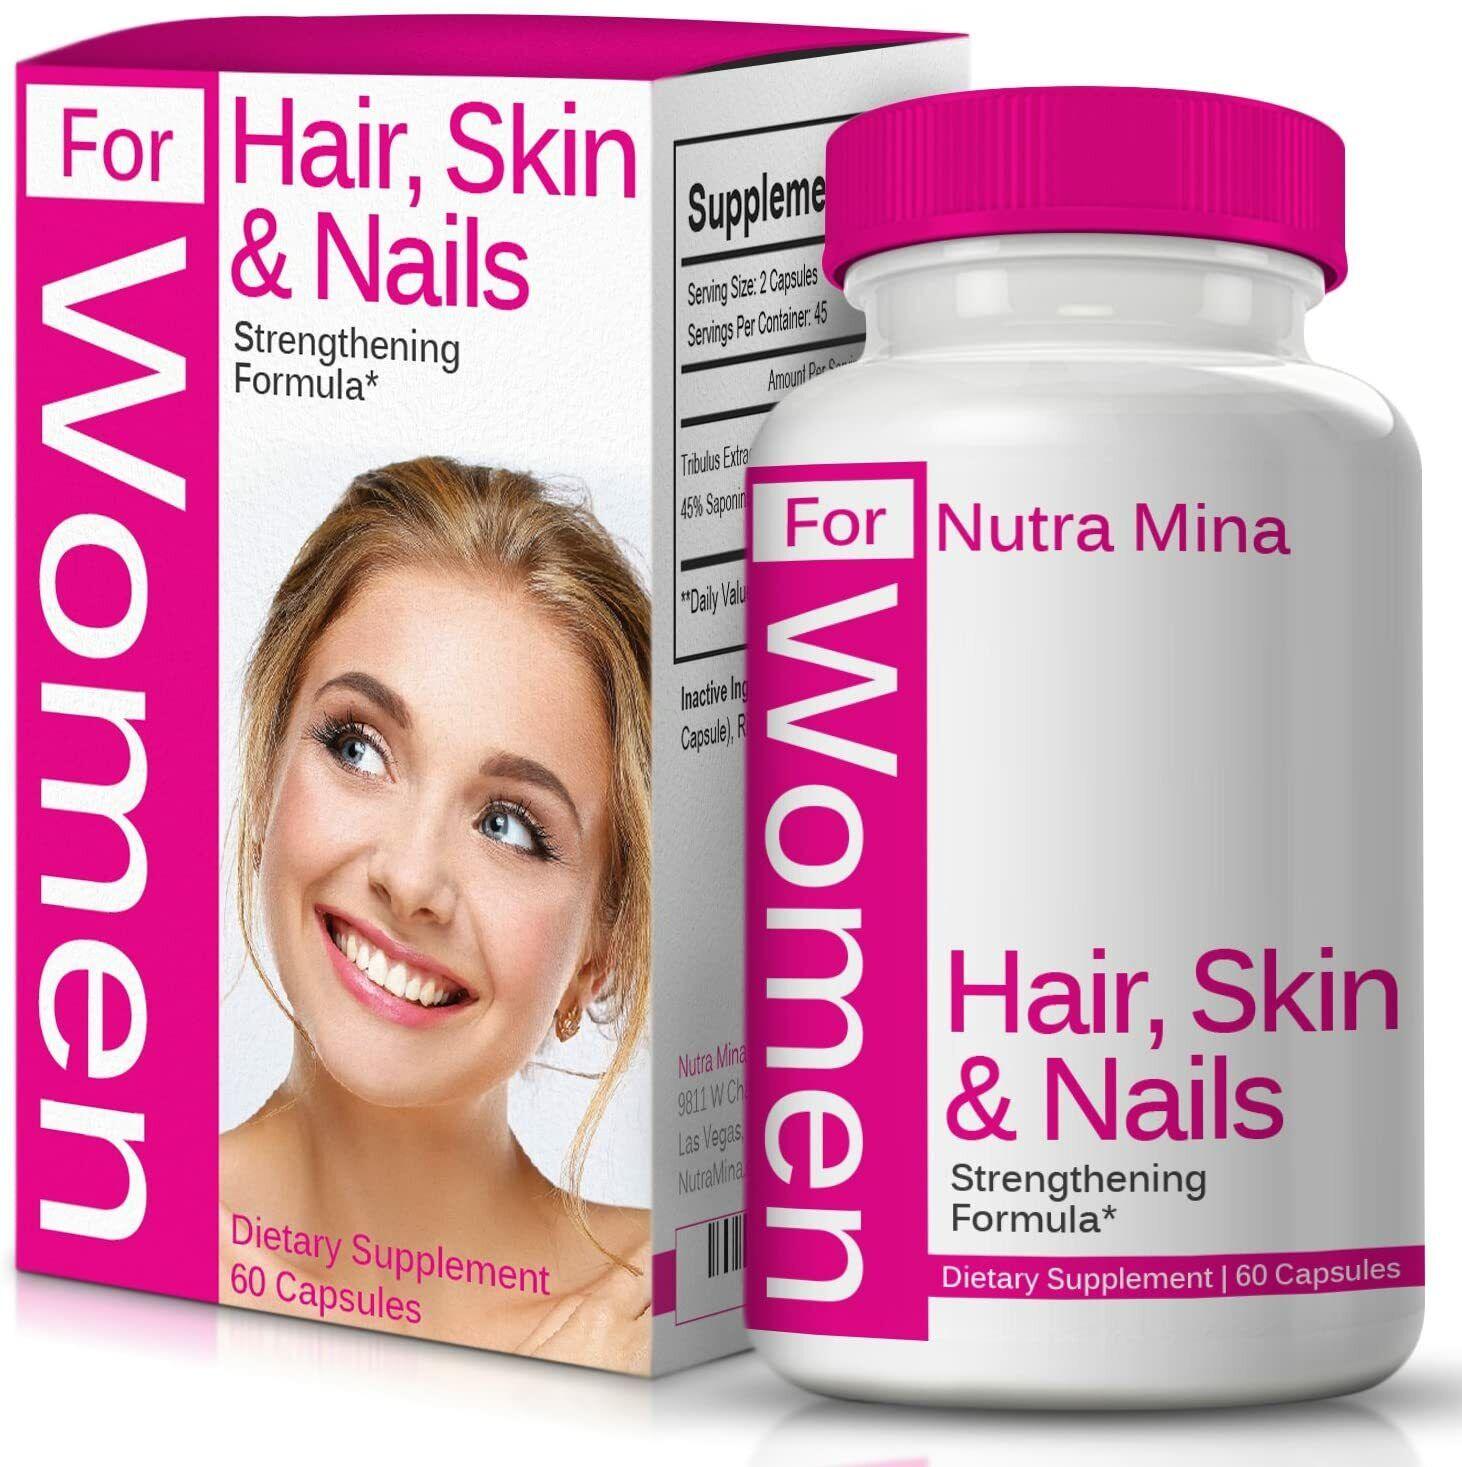 Vitaminas para mujeres mayores de 40 multivitaminico de mujer mejor vitamina